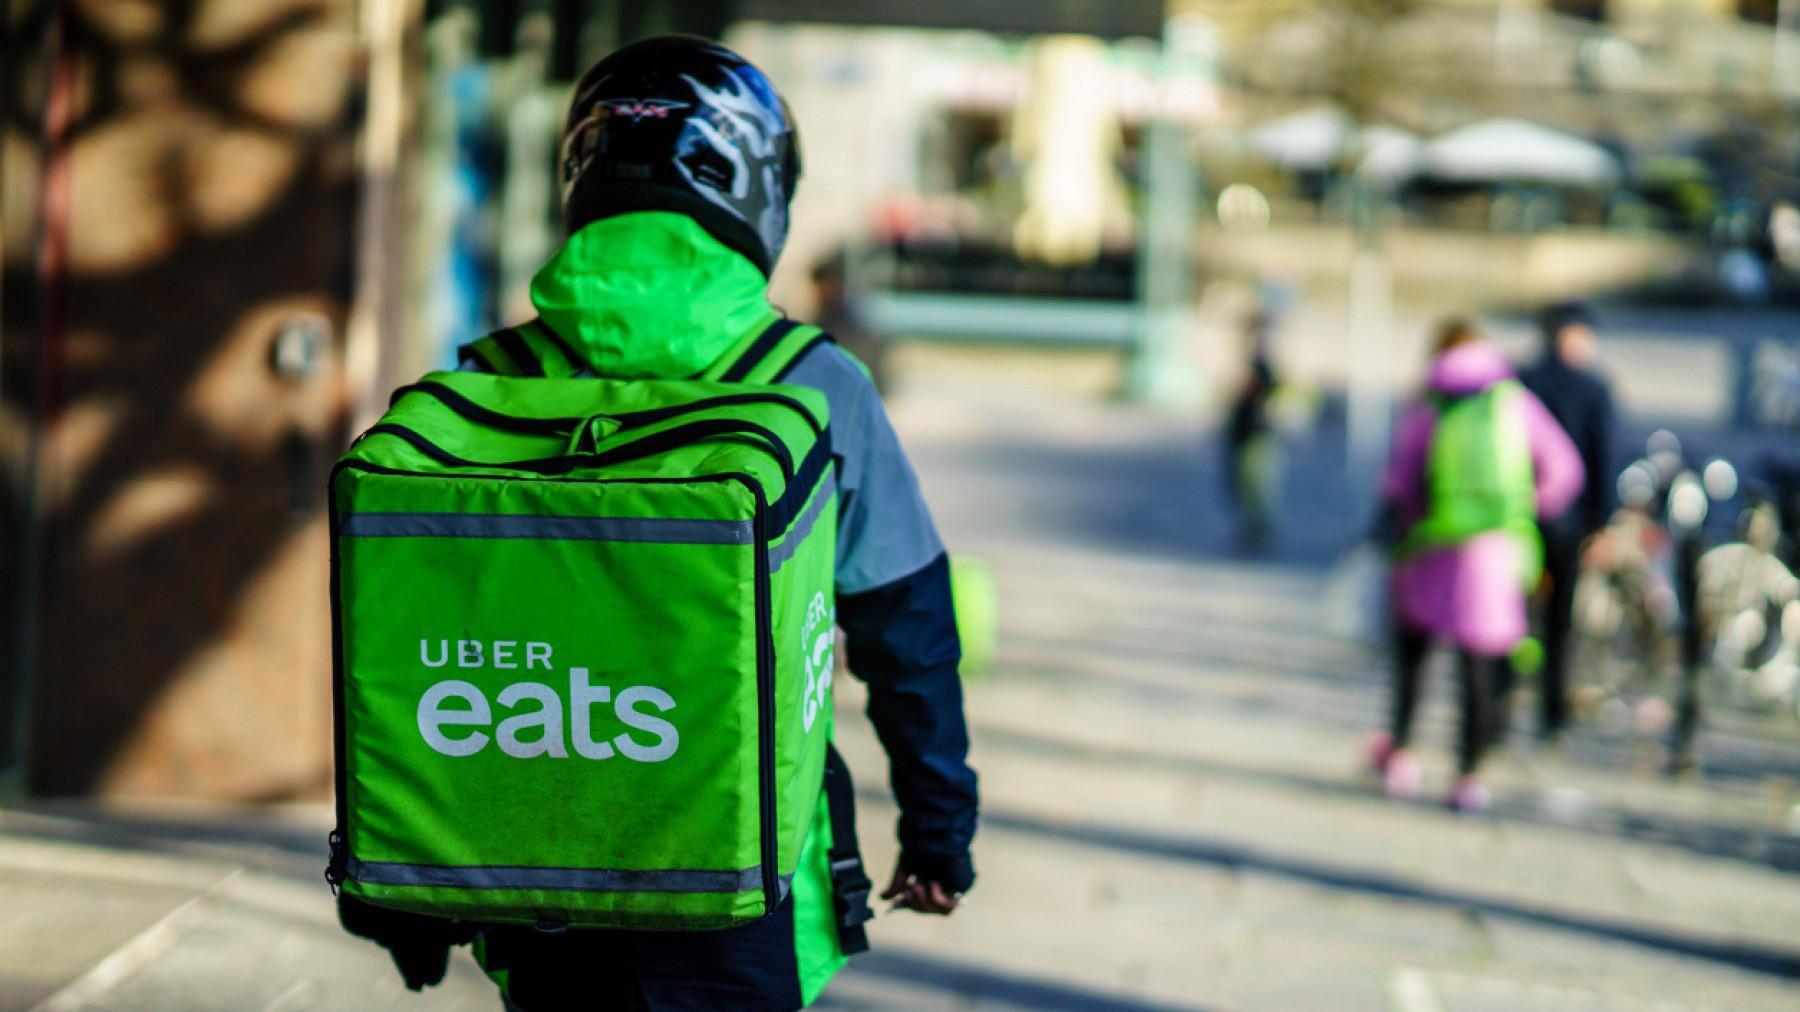 uber-eats-saldra-peru-perdida-mercado-menor-demanda-altos-costos-protocolos